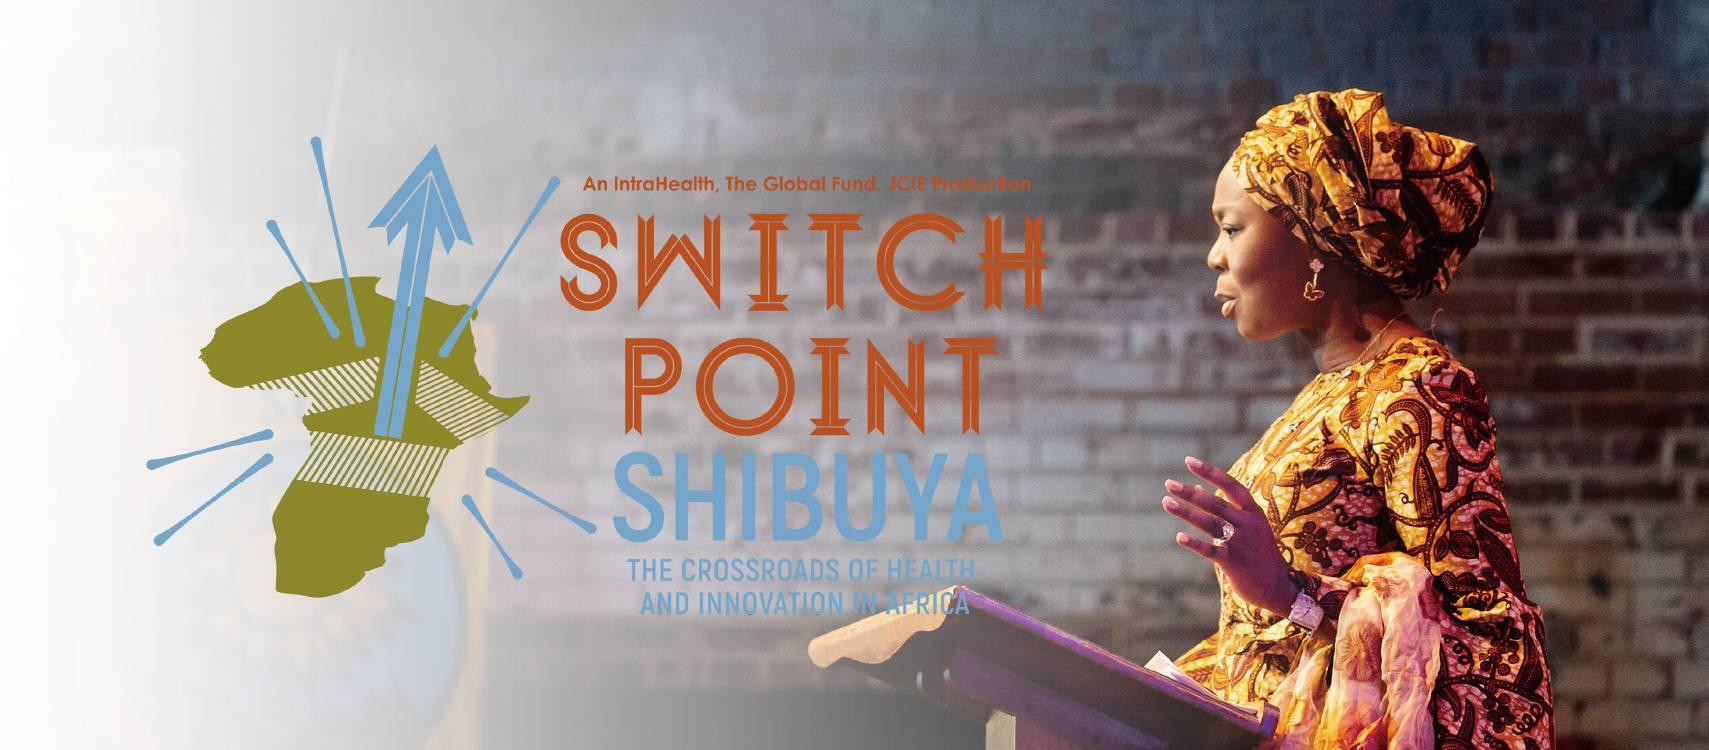 【8月31日開催】米で話題のSwitch Point日本初上陸!アフリカ×ヘルスケア×イノベーション【渋谷】